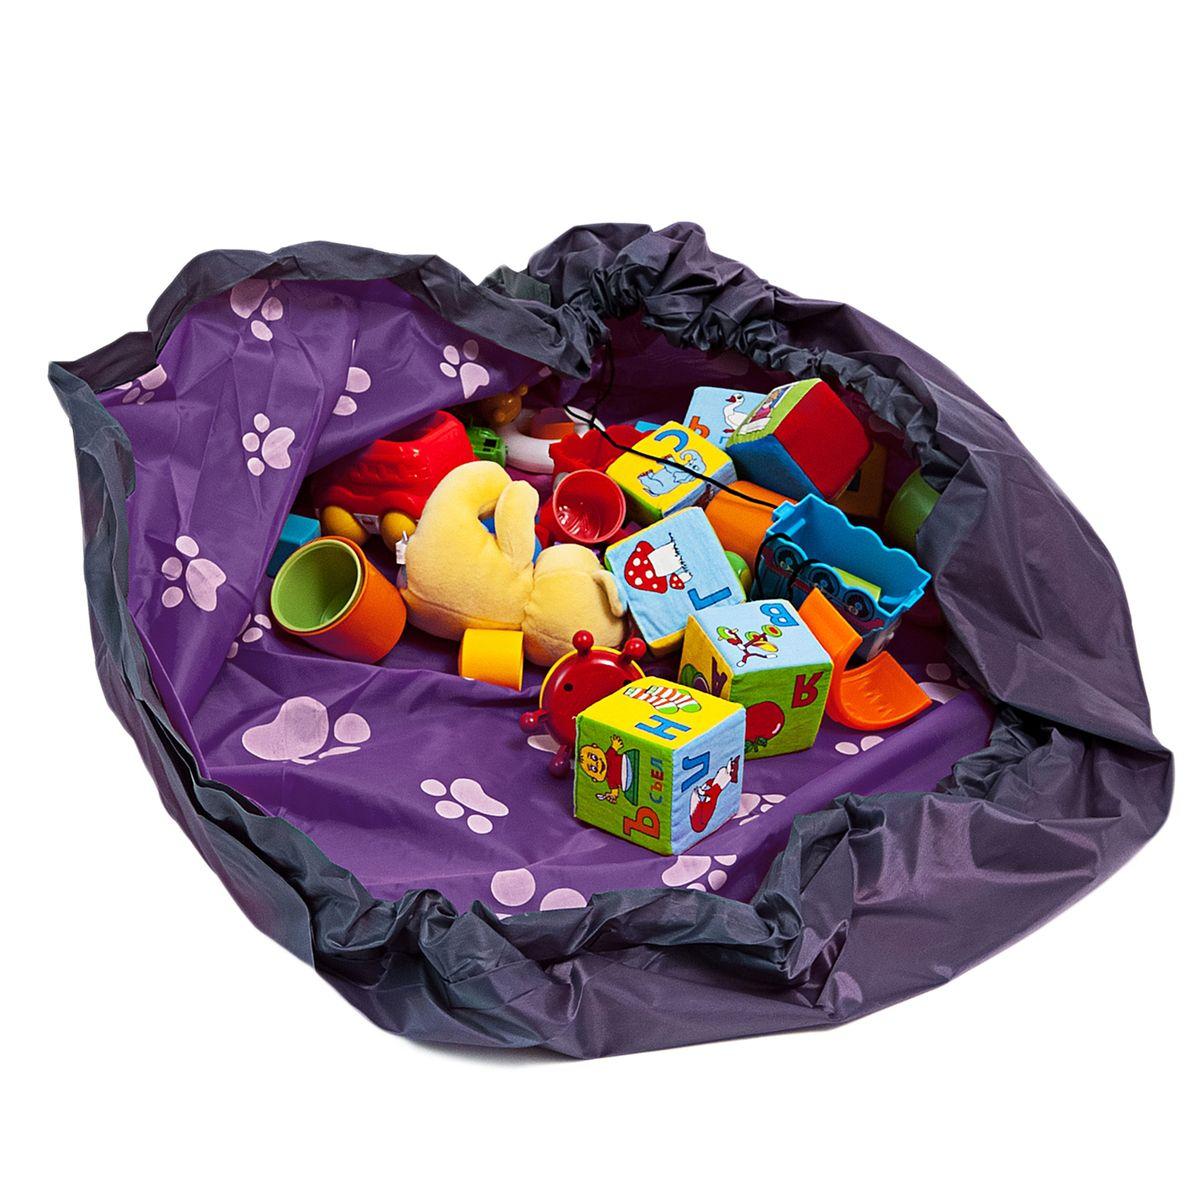 Сумка-коврик Homsu Лужайка, цвет: фиолетовый, 150х150 смR-110Сумка-коврик это оригинальный способ хранения и транспортировки детских игрушек. В разложенном состоянии - это поле для игры, а когда нужно собрать игрушки, он затягивается на шнурок и превращается в удобную сумку. Выполнен из прочного, но мягкого канваса. Размер изделия: 150х150см